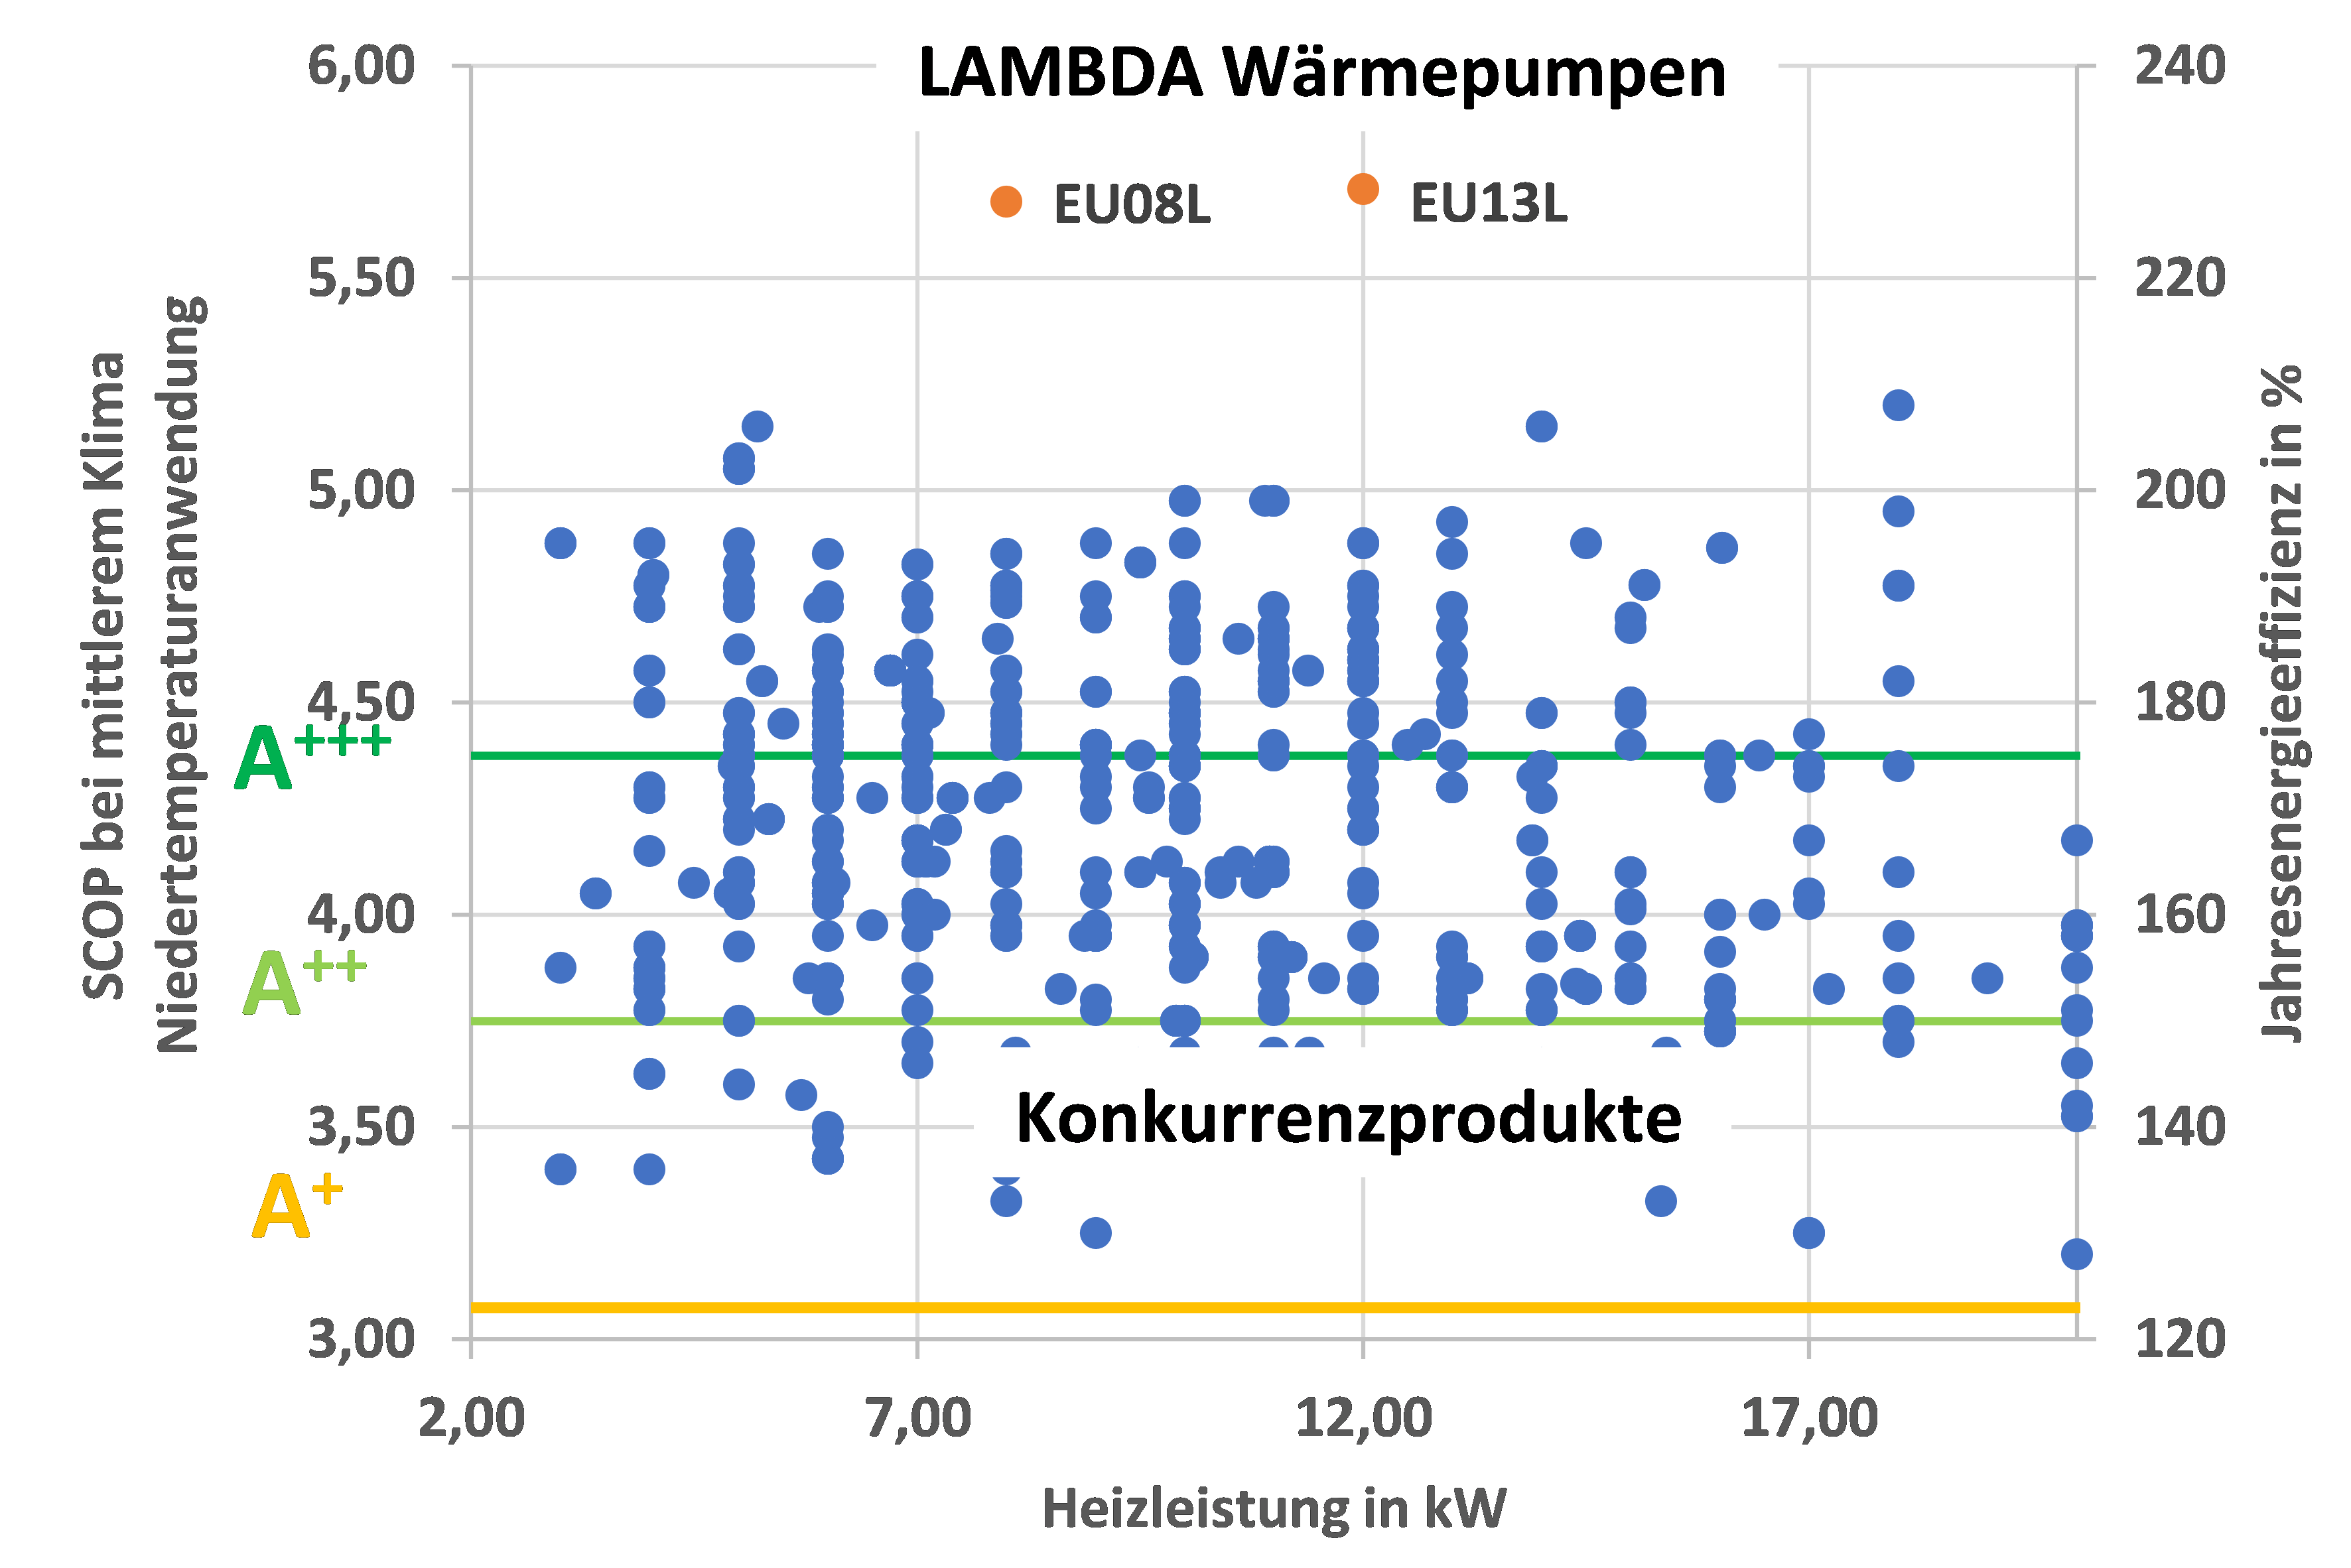 SCOP Marktvergleich bei Niedertemperaturanwendung (35°C)